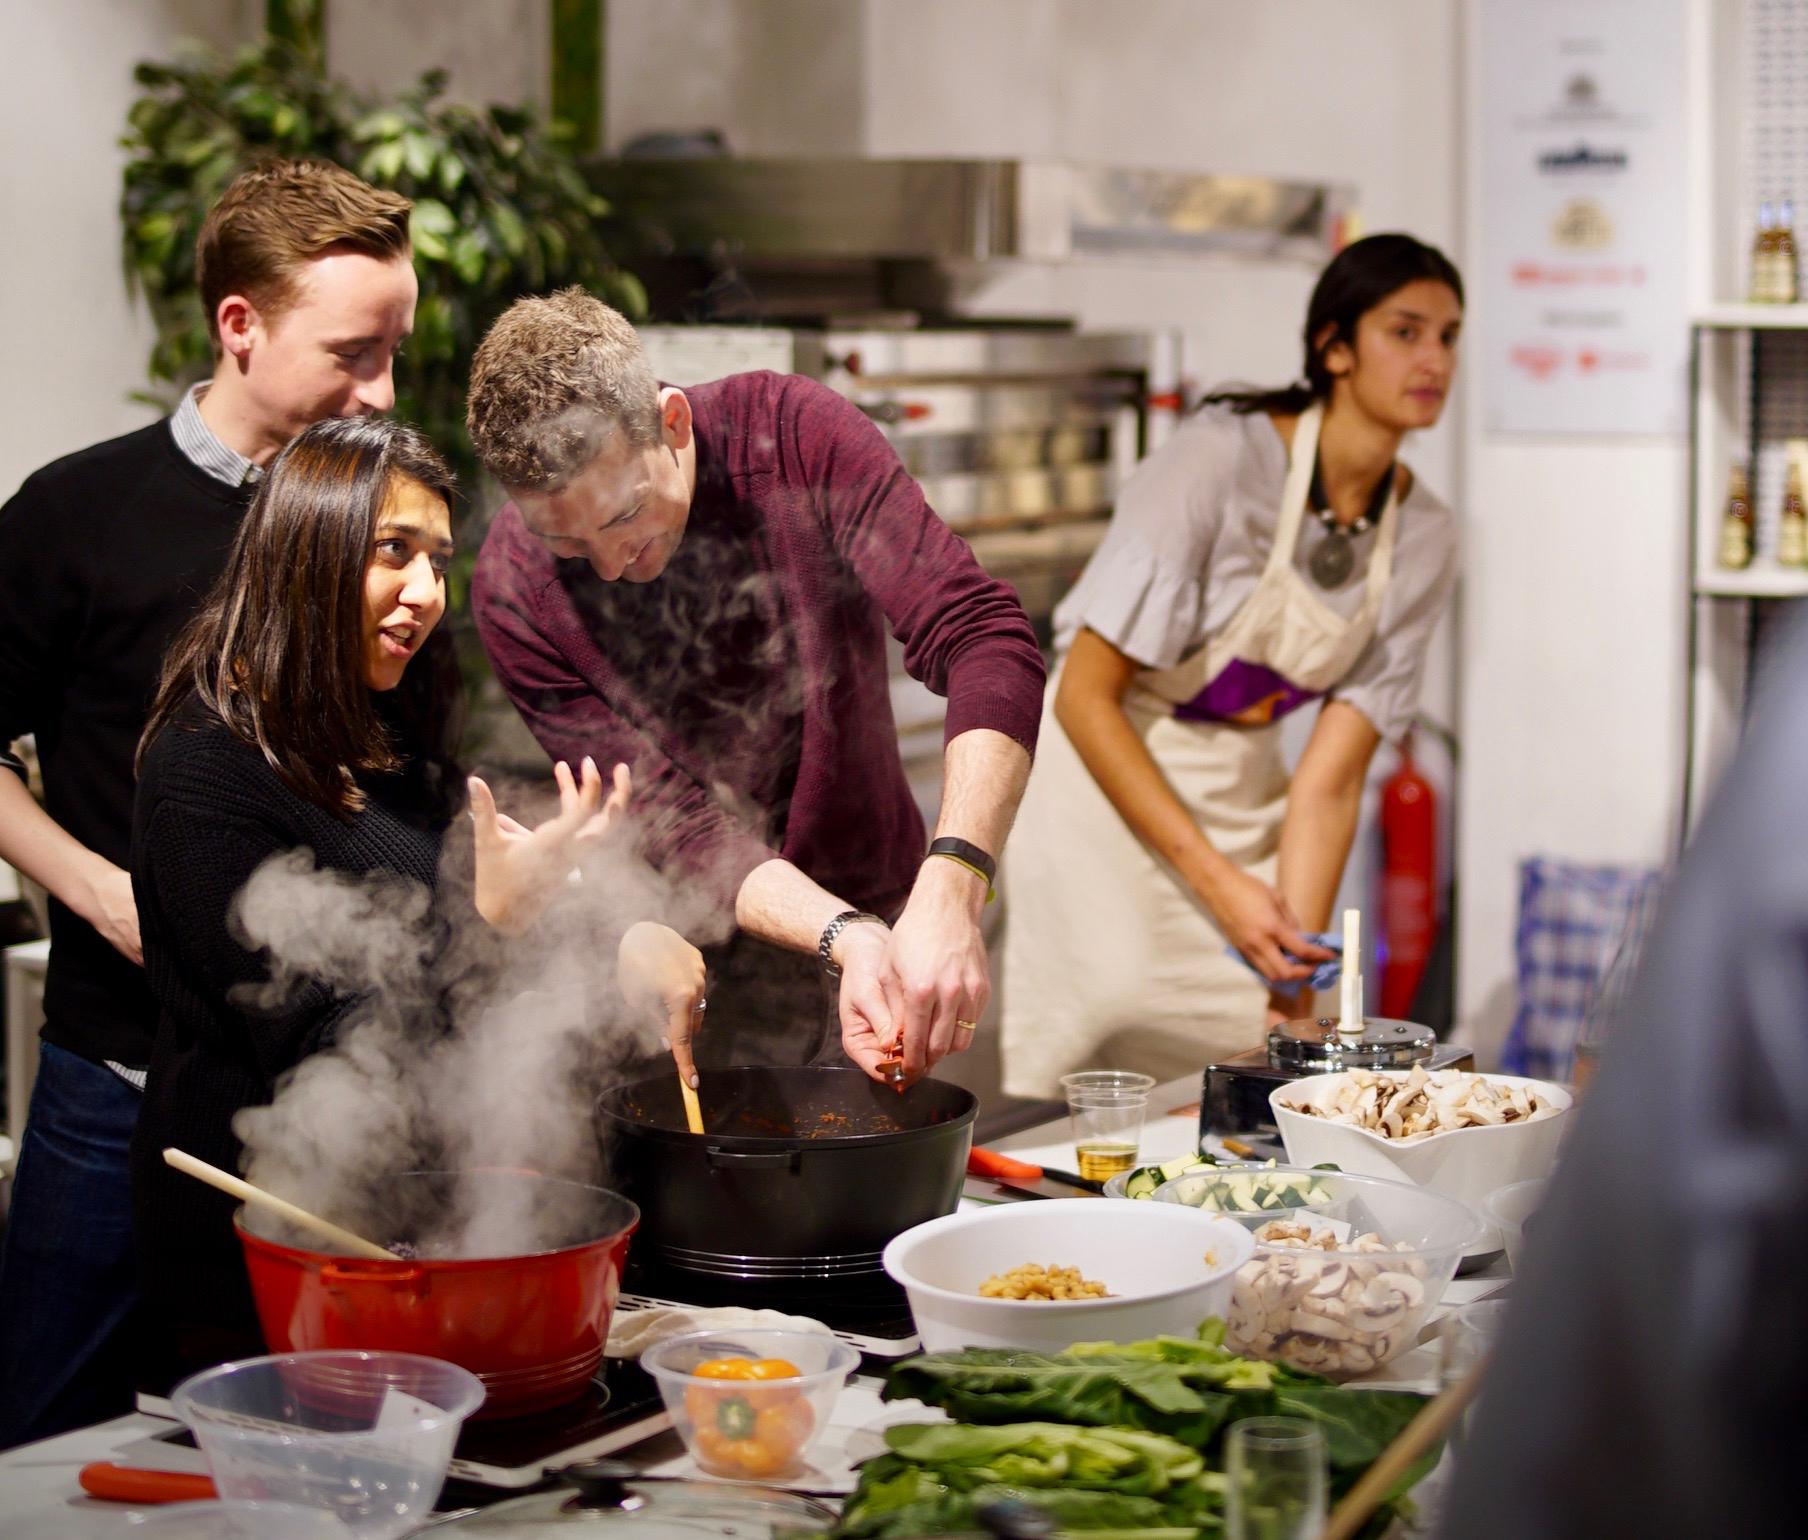 Cooking Activities London